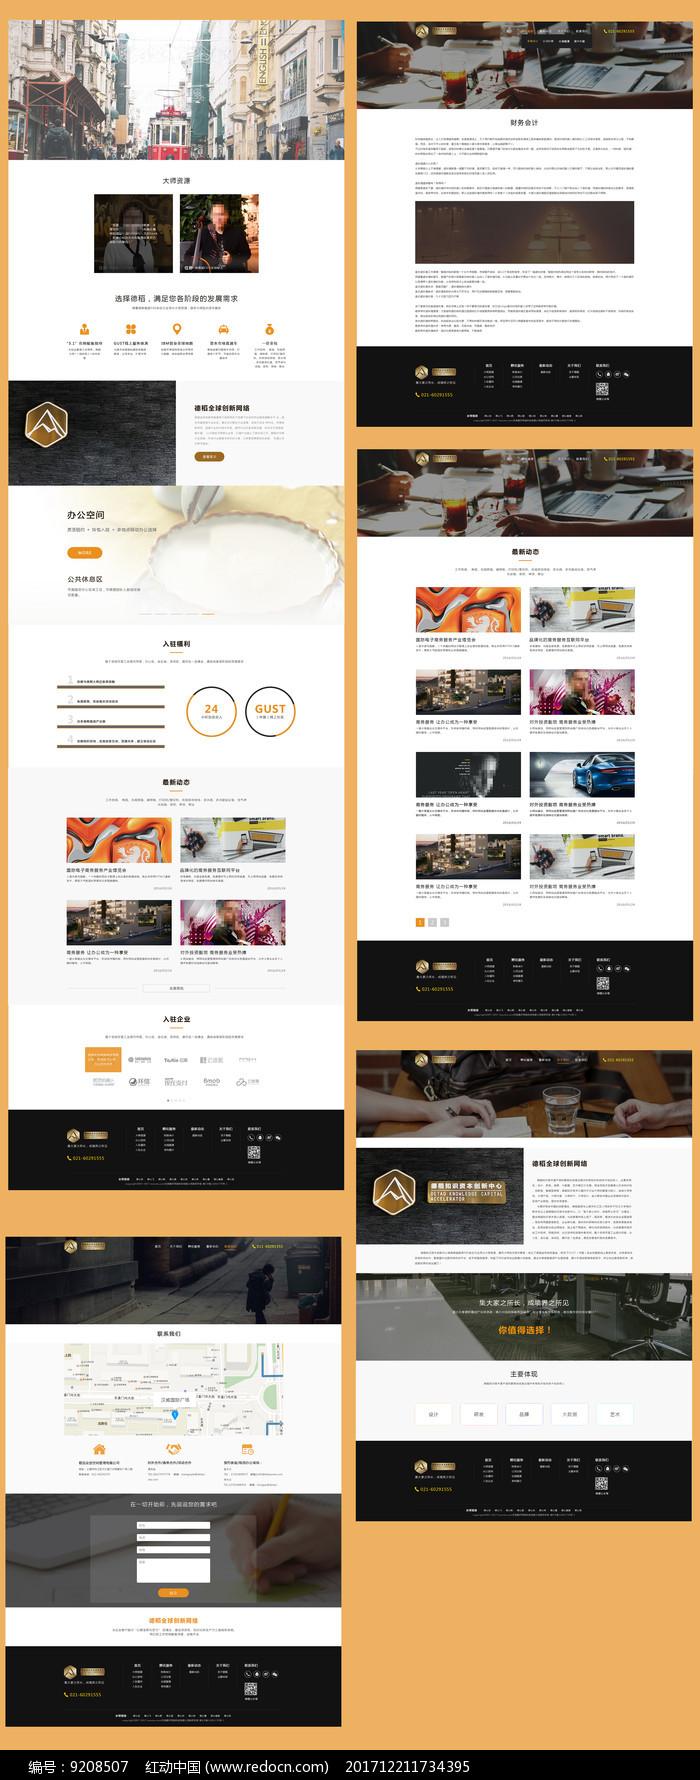 简约大气欧美风格教育企业网站图片